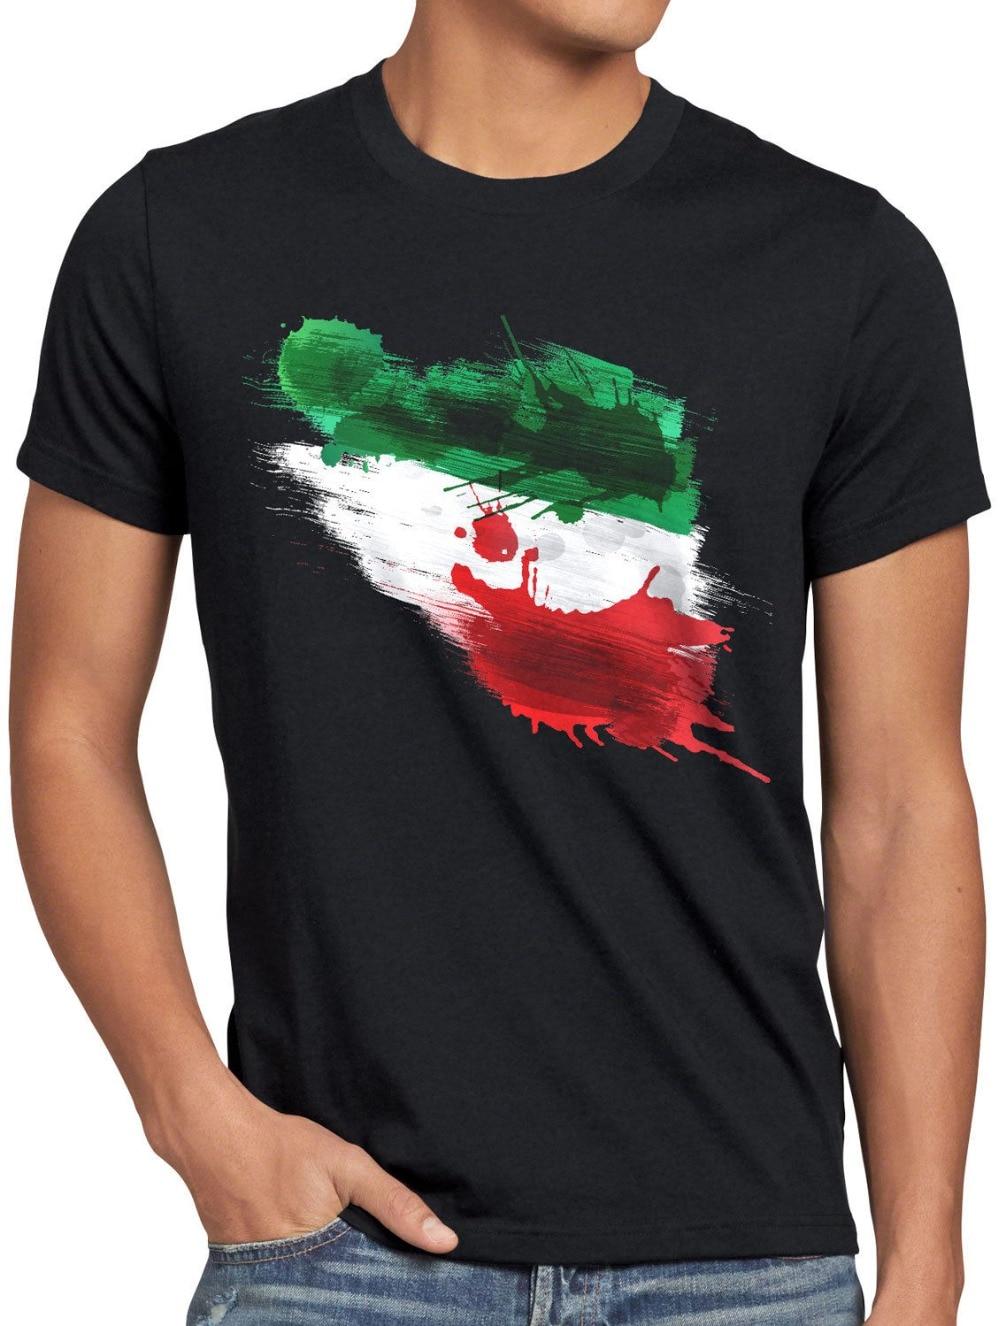 Nueva camiseta Iran de moda para hombre de 2019, Camiseta deportiva Herren Fuball WM EM Fahne nacional-Bandera ventilador-impresión de Artikel camisa